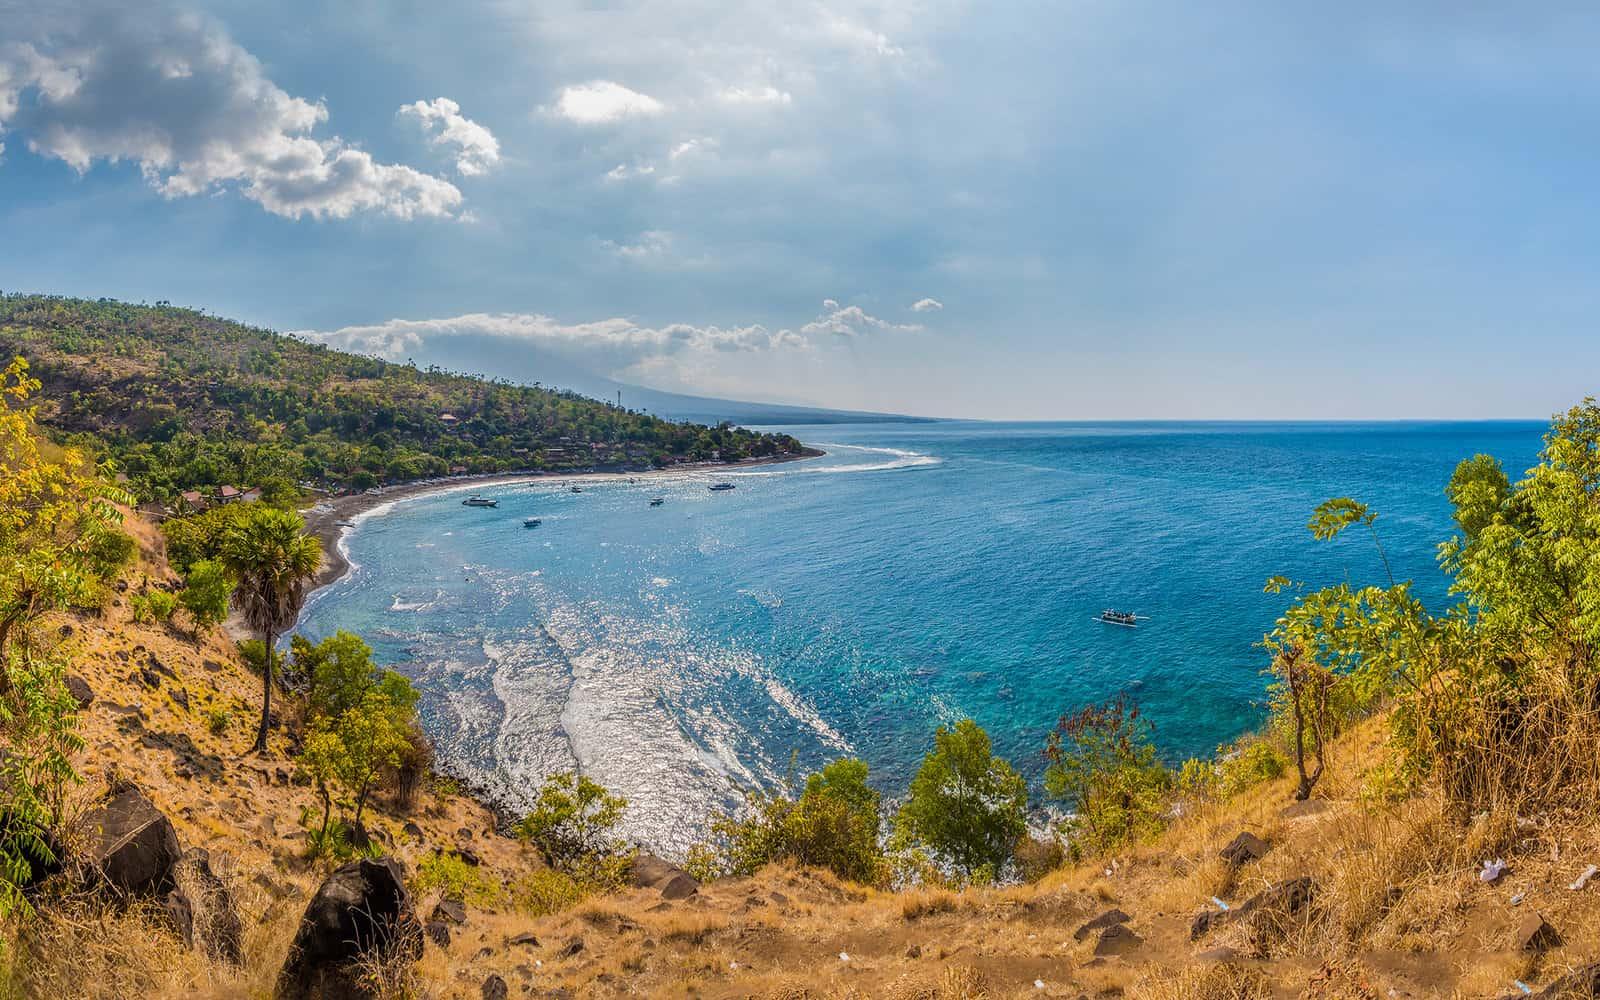 أجمل 9 من شواطئ بالي التي تستحق الزيارة